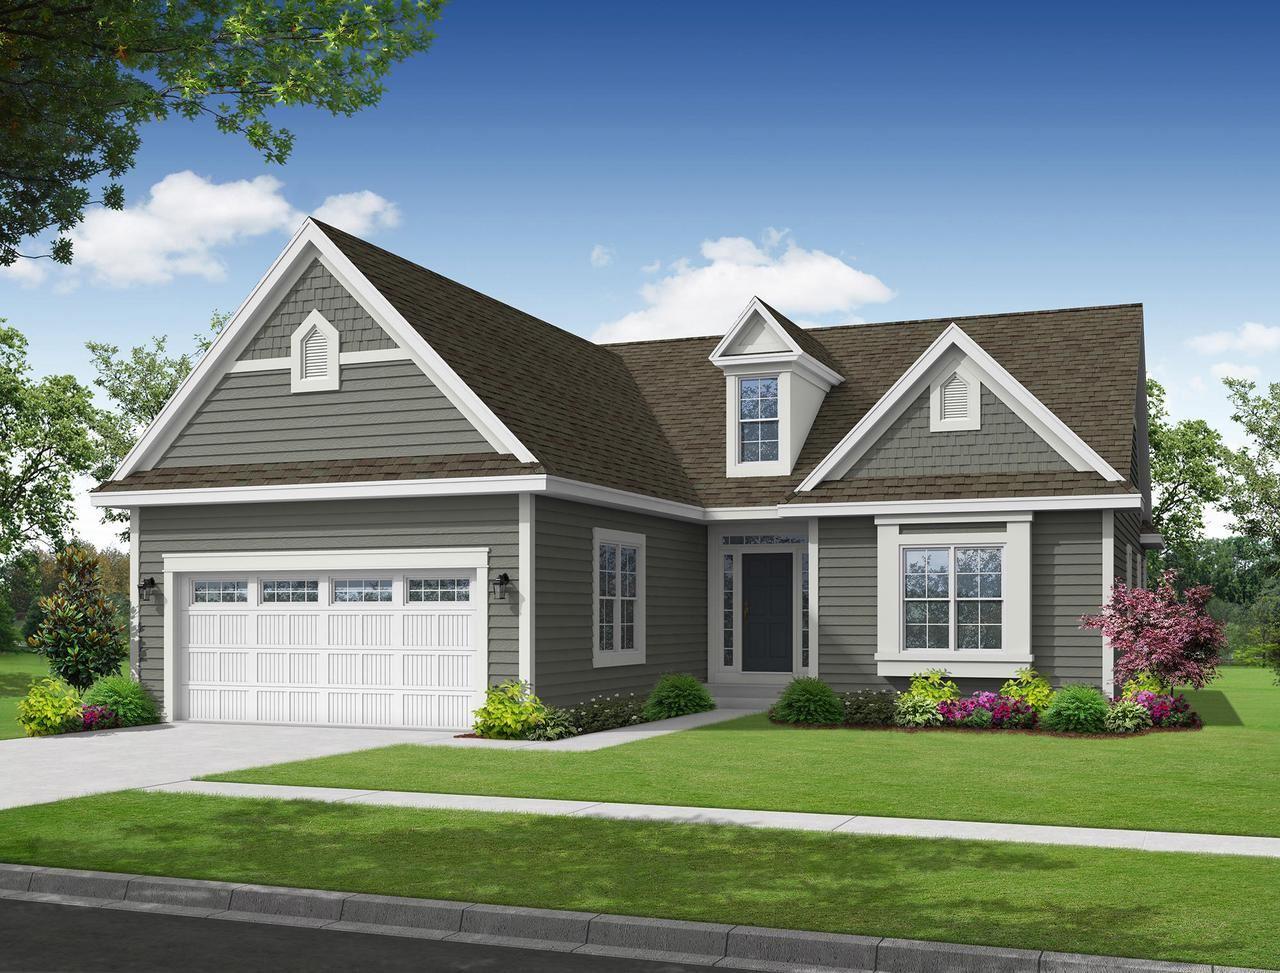 Lot 4 Big Bend  Rd, Waukesha, WI 53189 - MLS#: 1688593